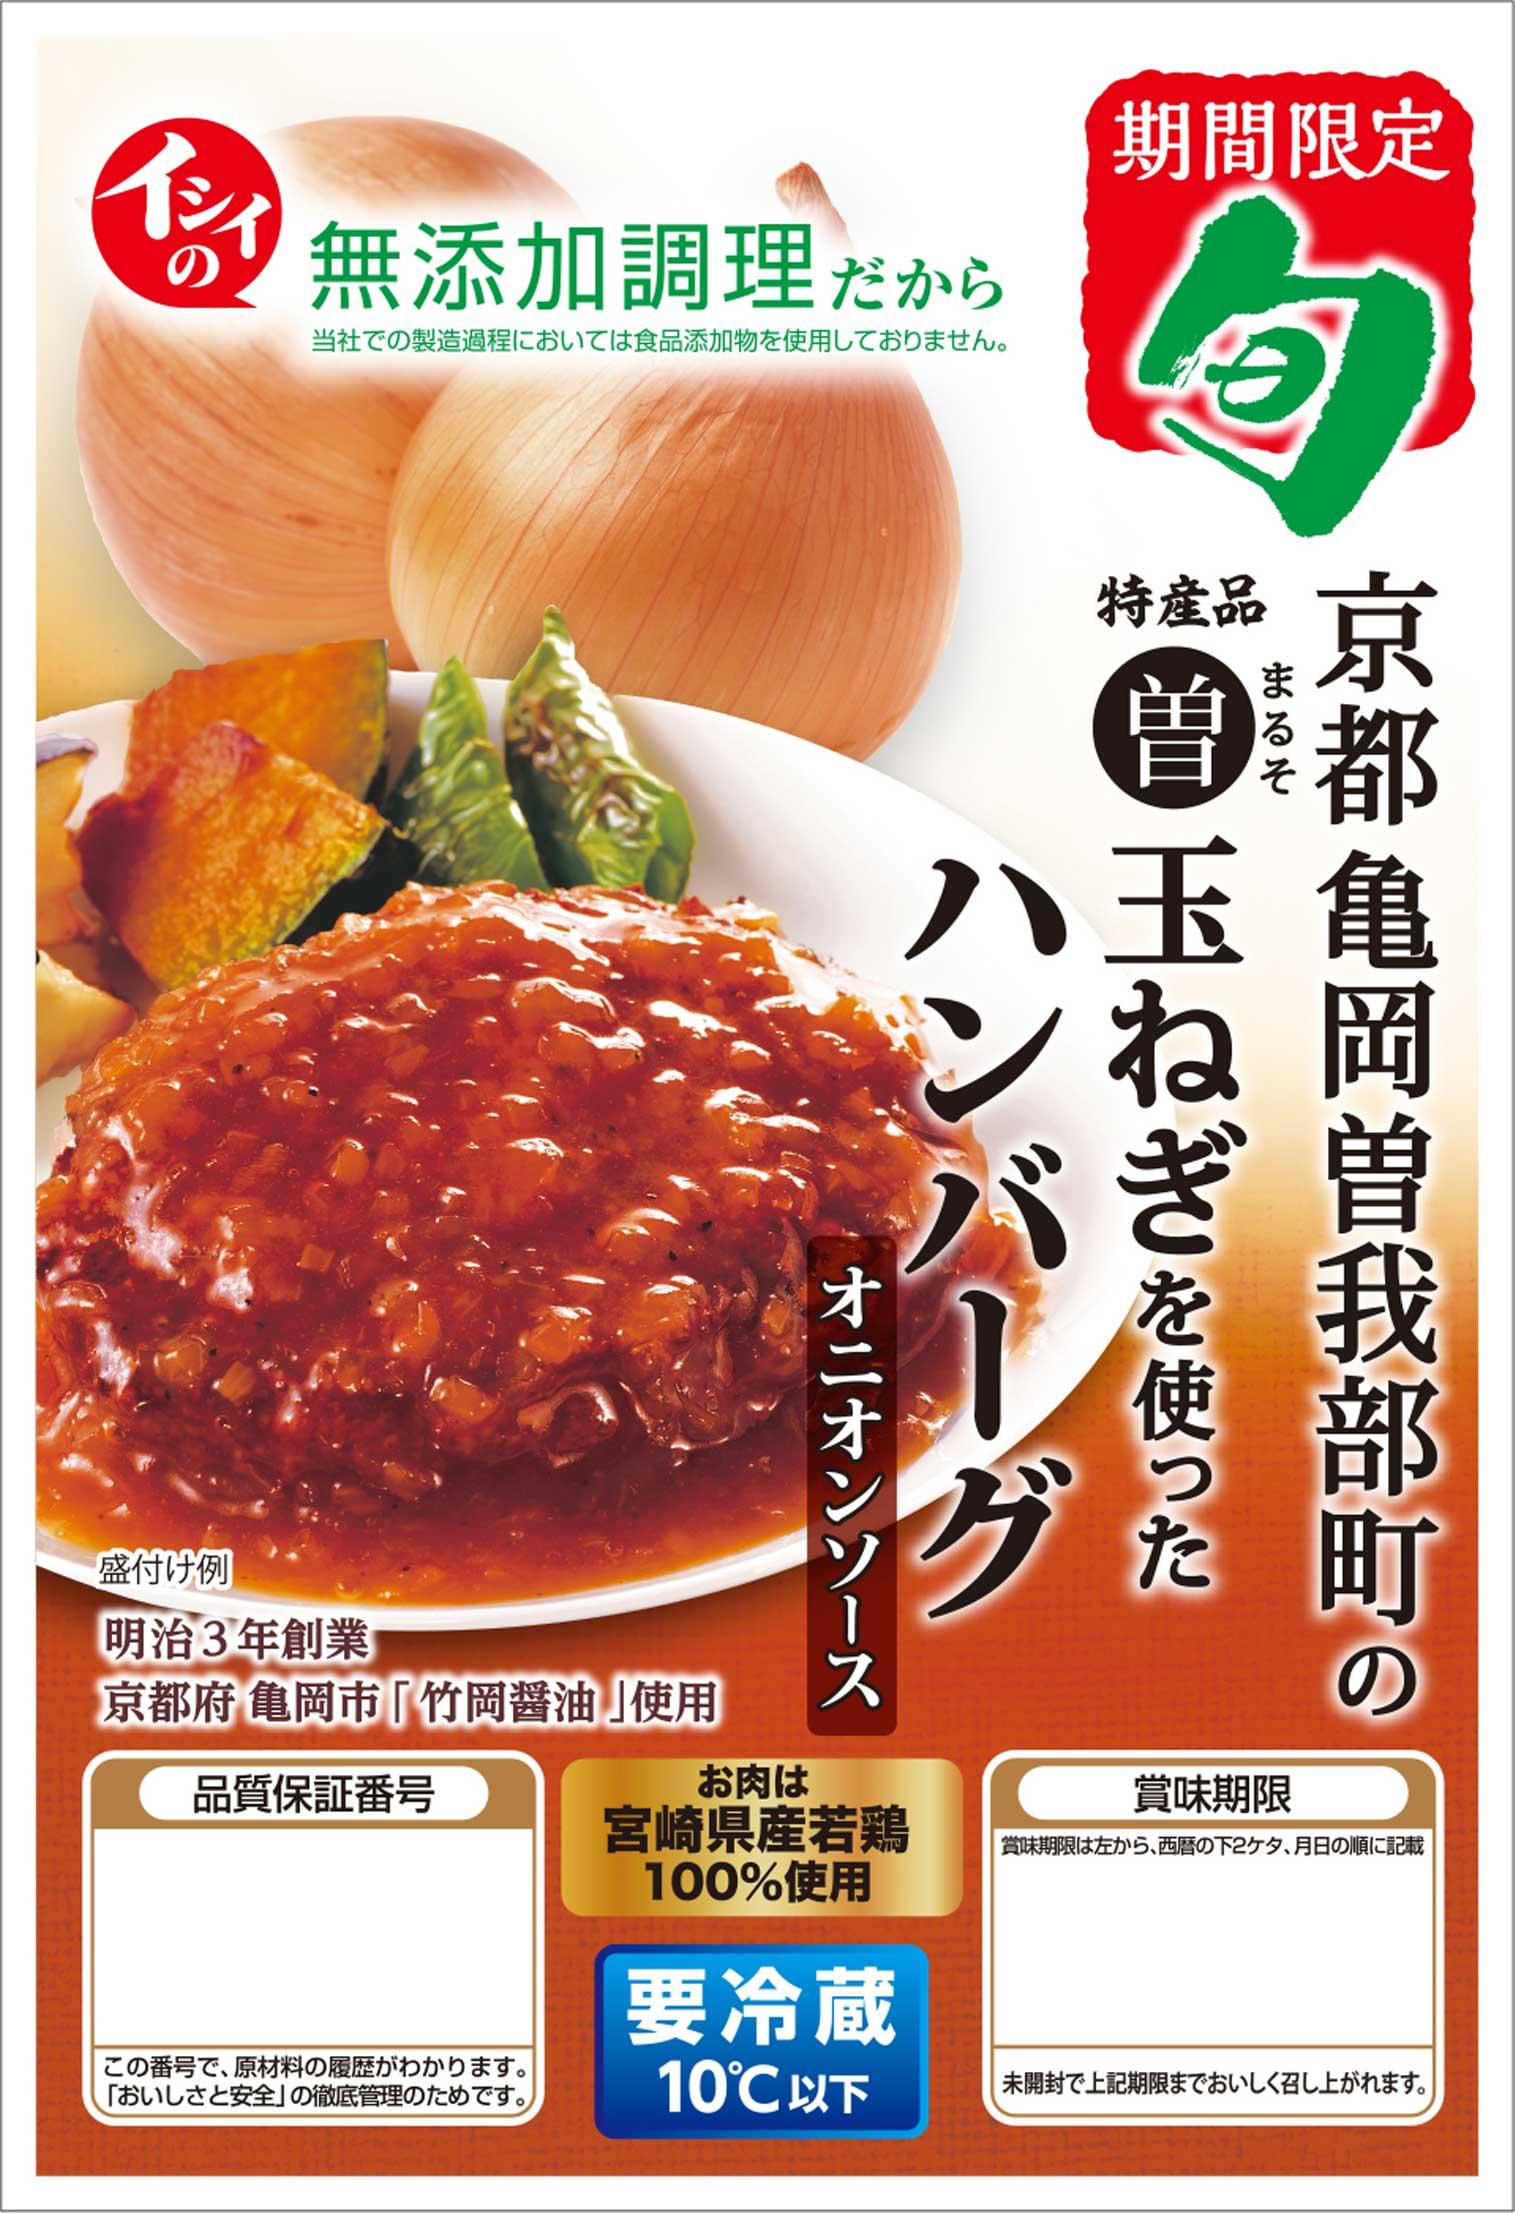 京都亀岡市曽我部町産特産品 〇曽(まるそ)玉ねぎを使ったハンバーグ オニオンソース